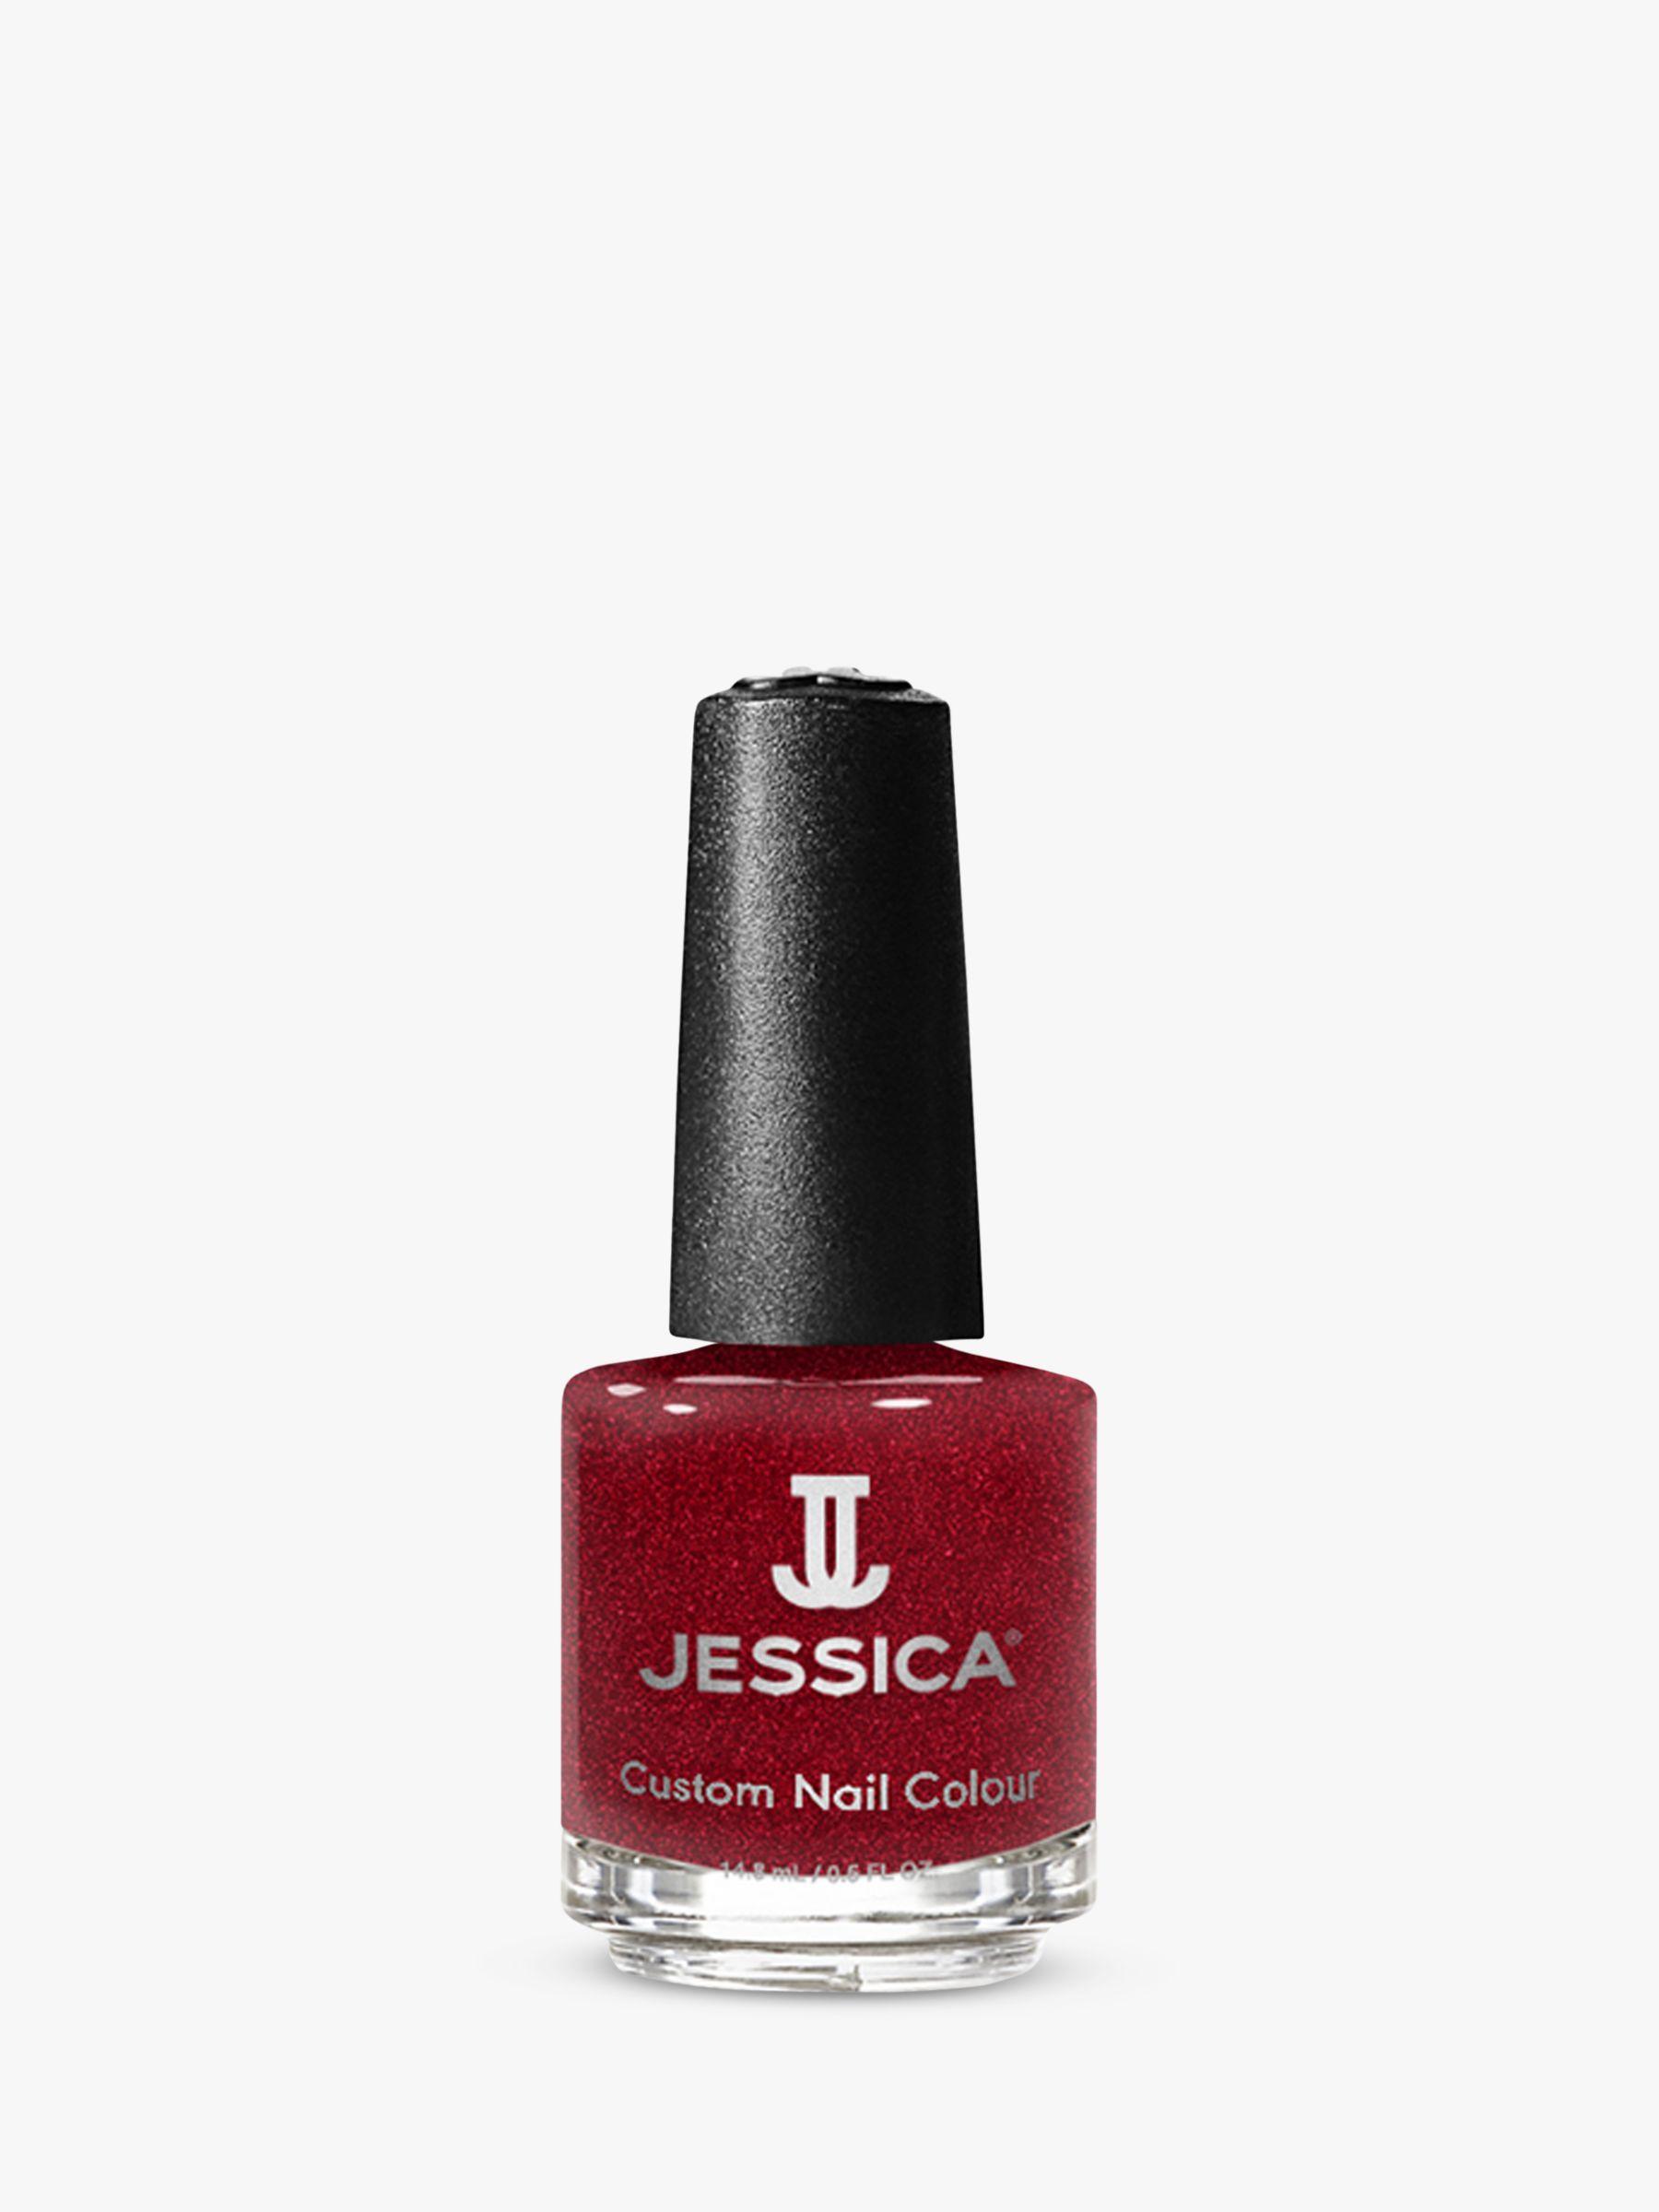 Jessica Jessica Custom Nail Colour - Reds